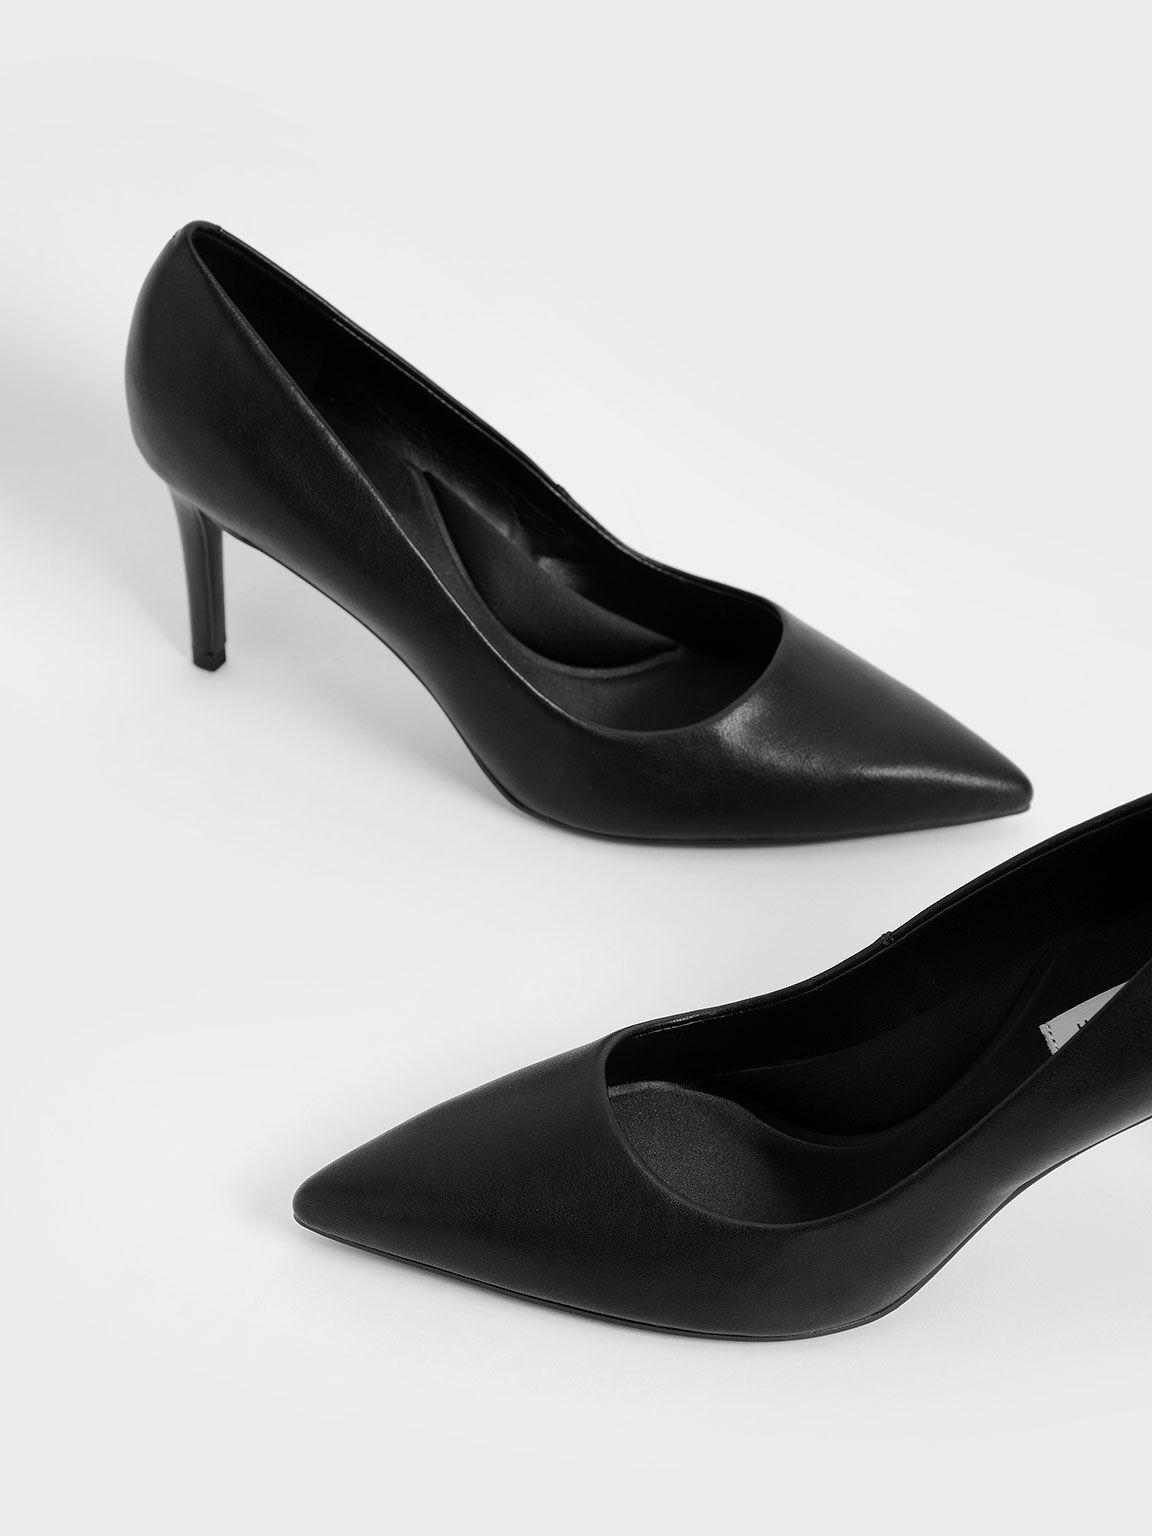 素面尖頭高跟鞋, 黑色, hi-res